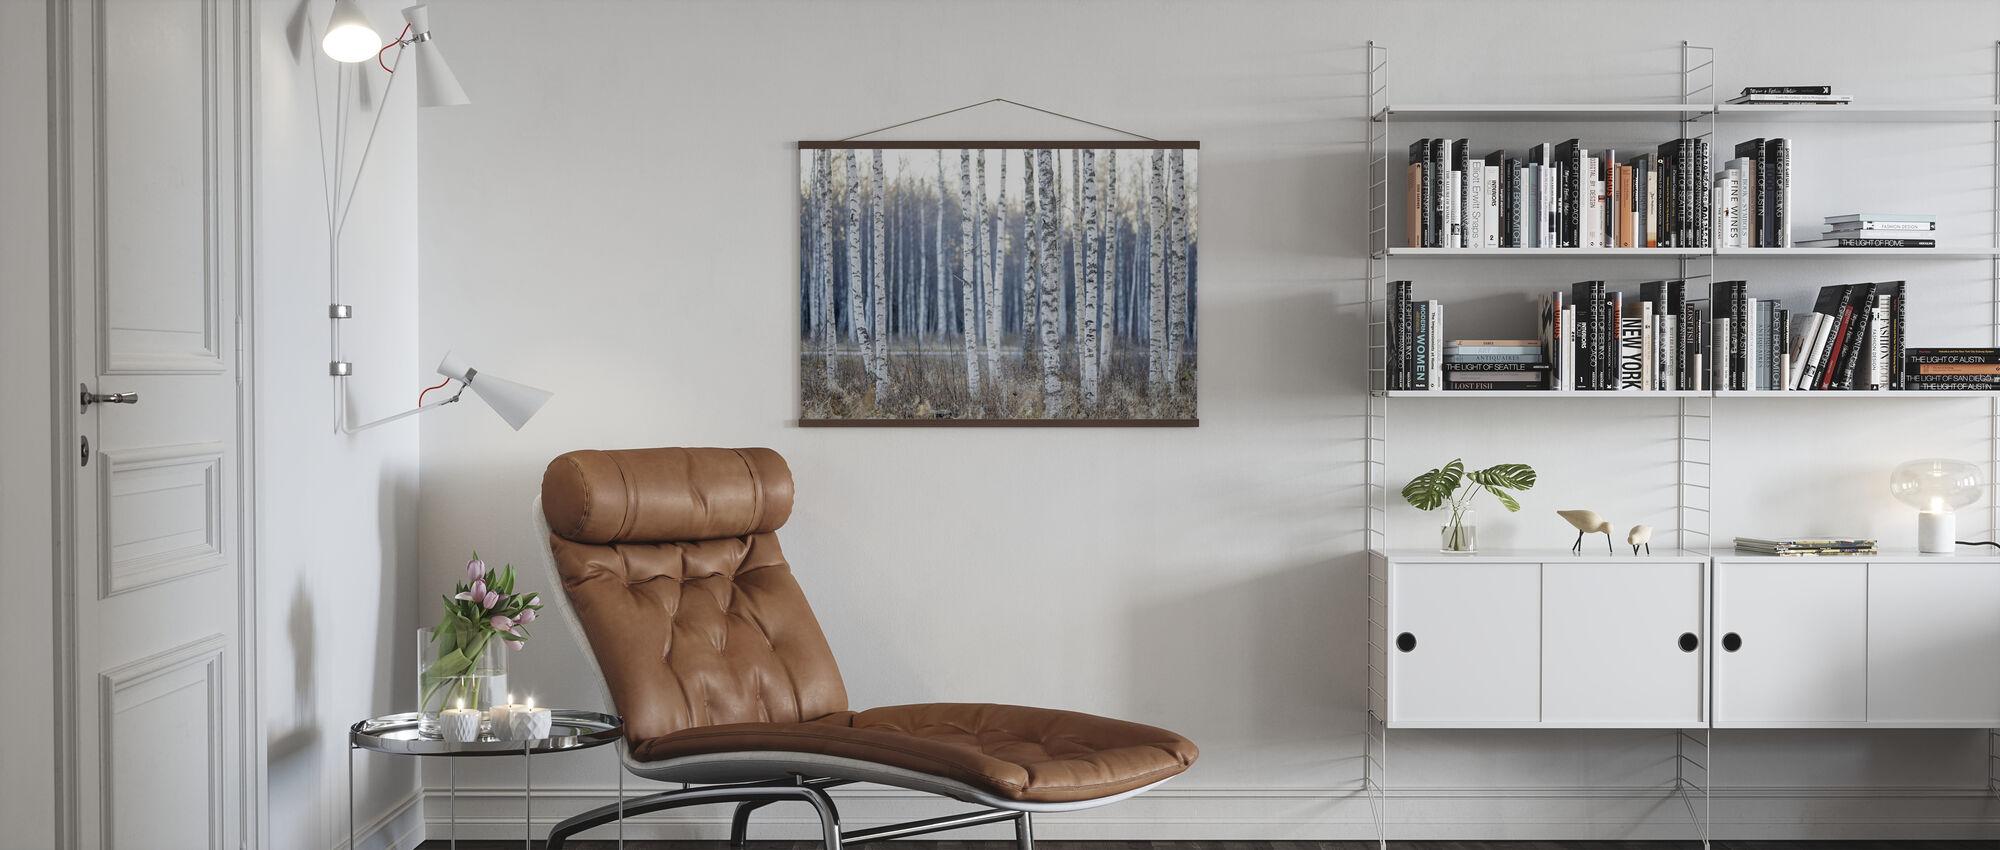 Birkenbaum - Poster - Wohnzimmer